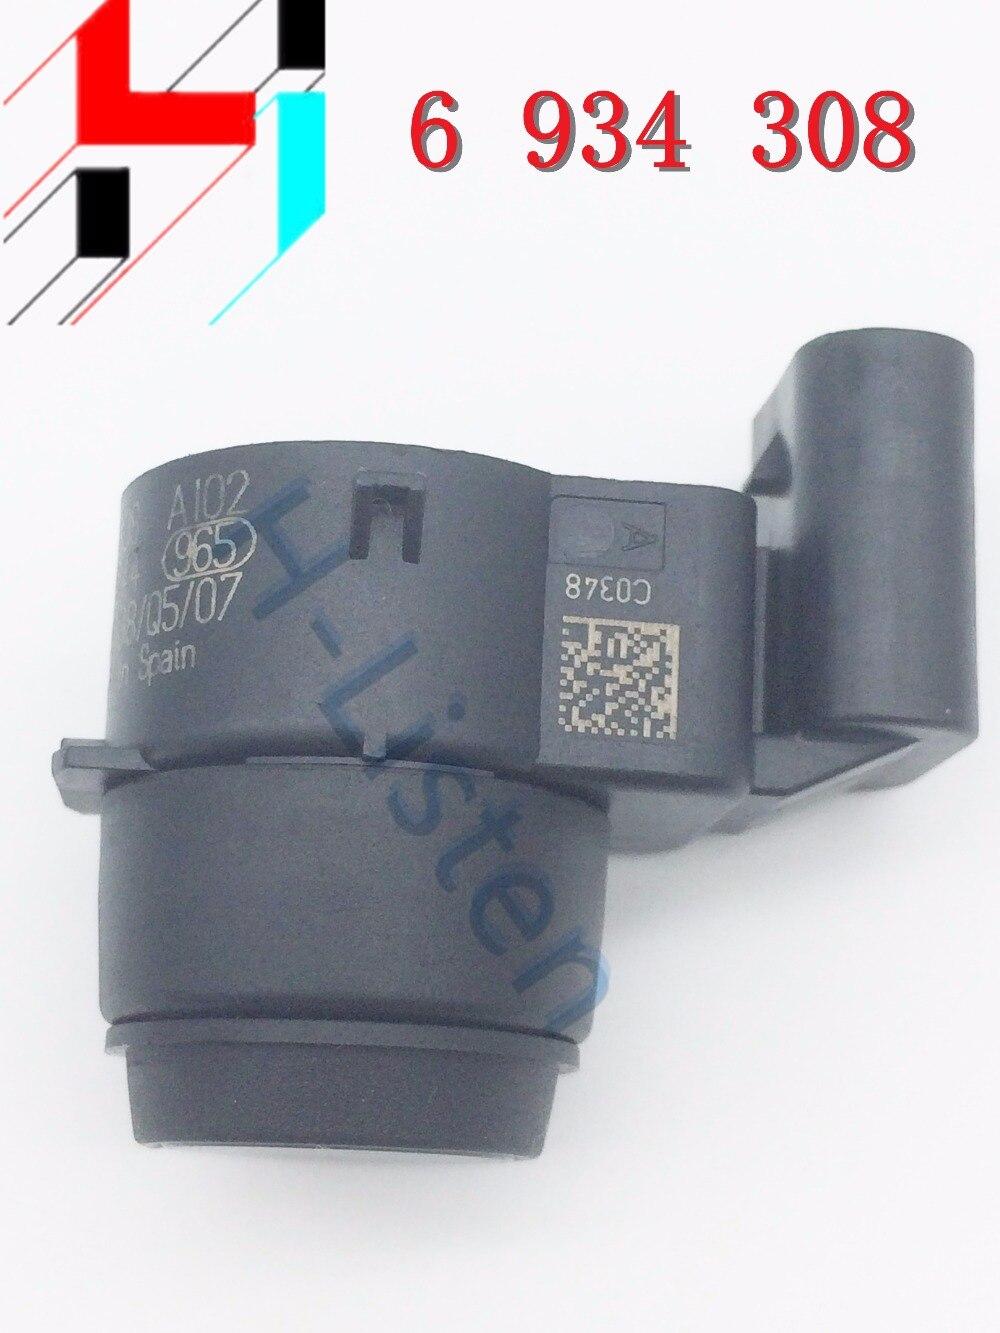 ebb859d218ae0 66206934308 parkplatz Sensor 6934308A102 Umkehr Radar Für E84 Z4 E89 R50  R53 R55 R56 R57 0263003244 6 934 308 66209196705